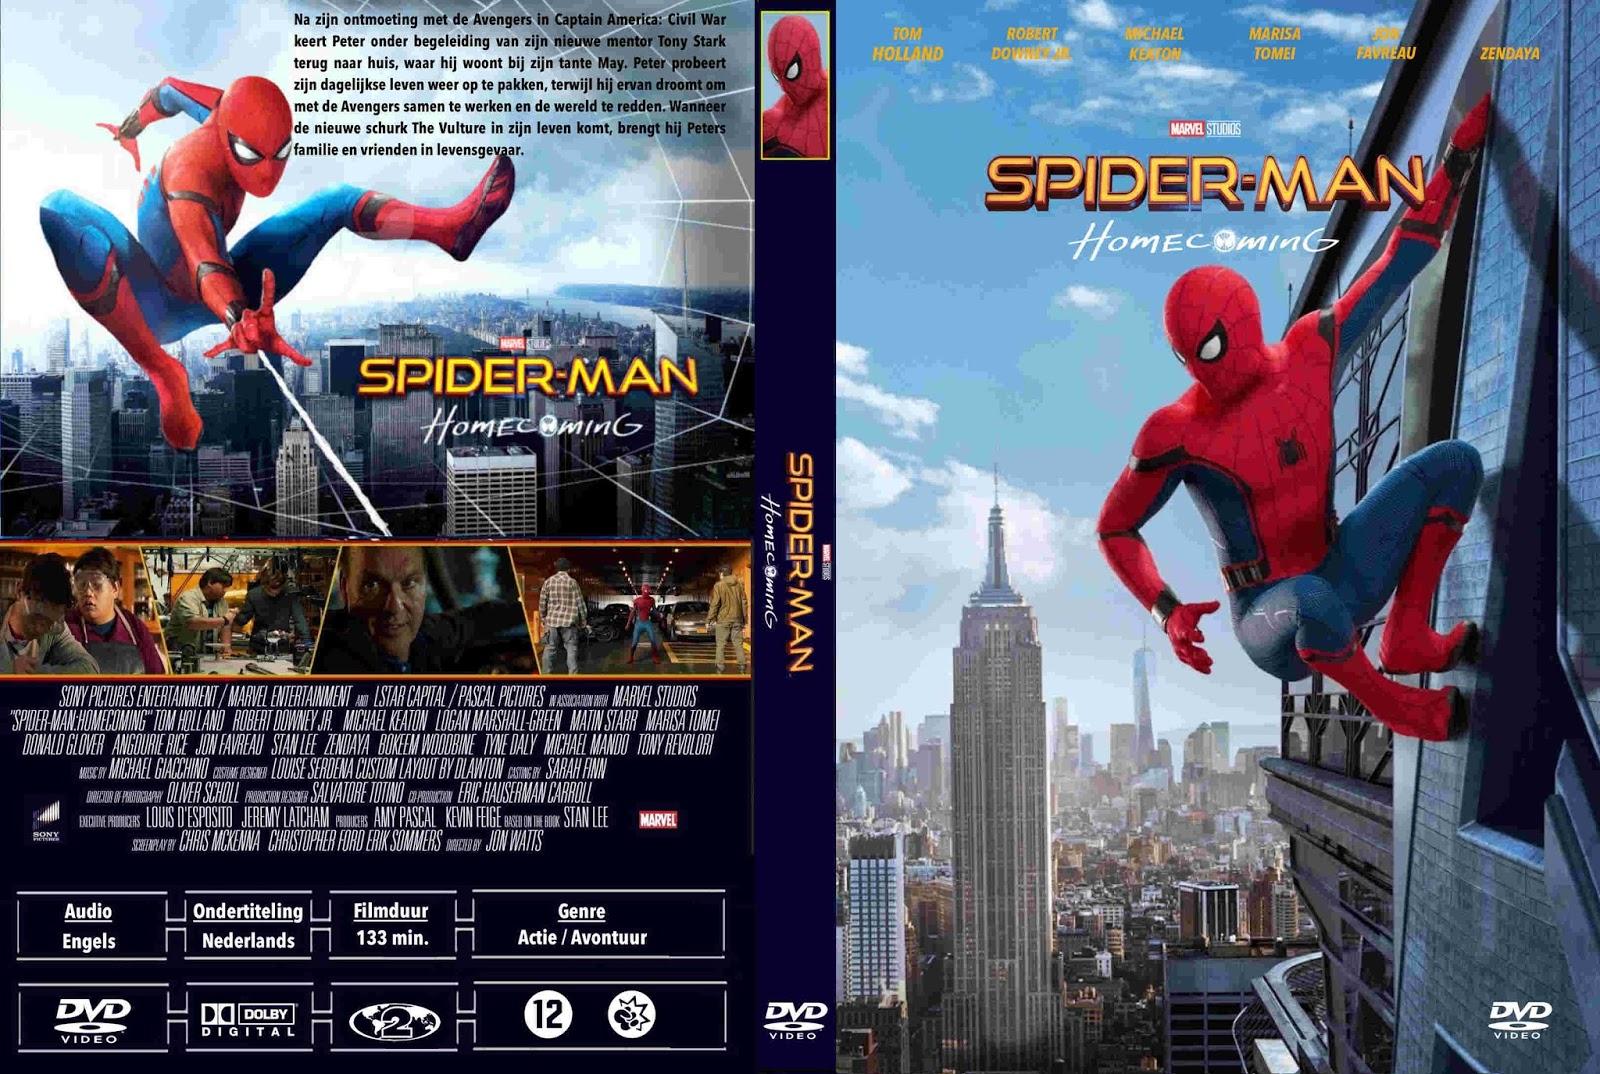 Tudo Capas 04: Spider-man Homecoming (2017) DUTCH R2 ...